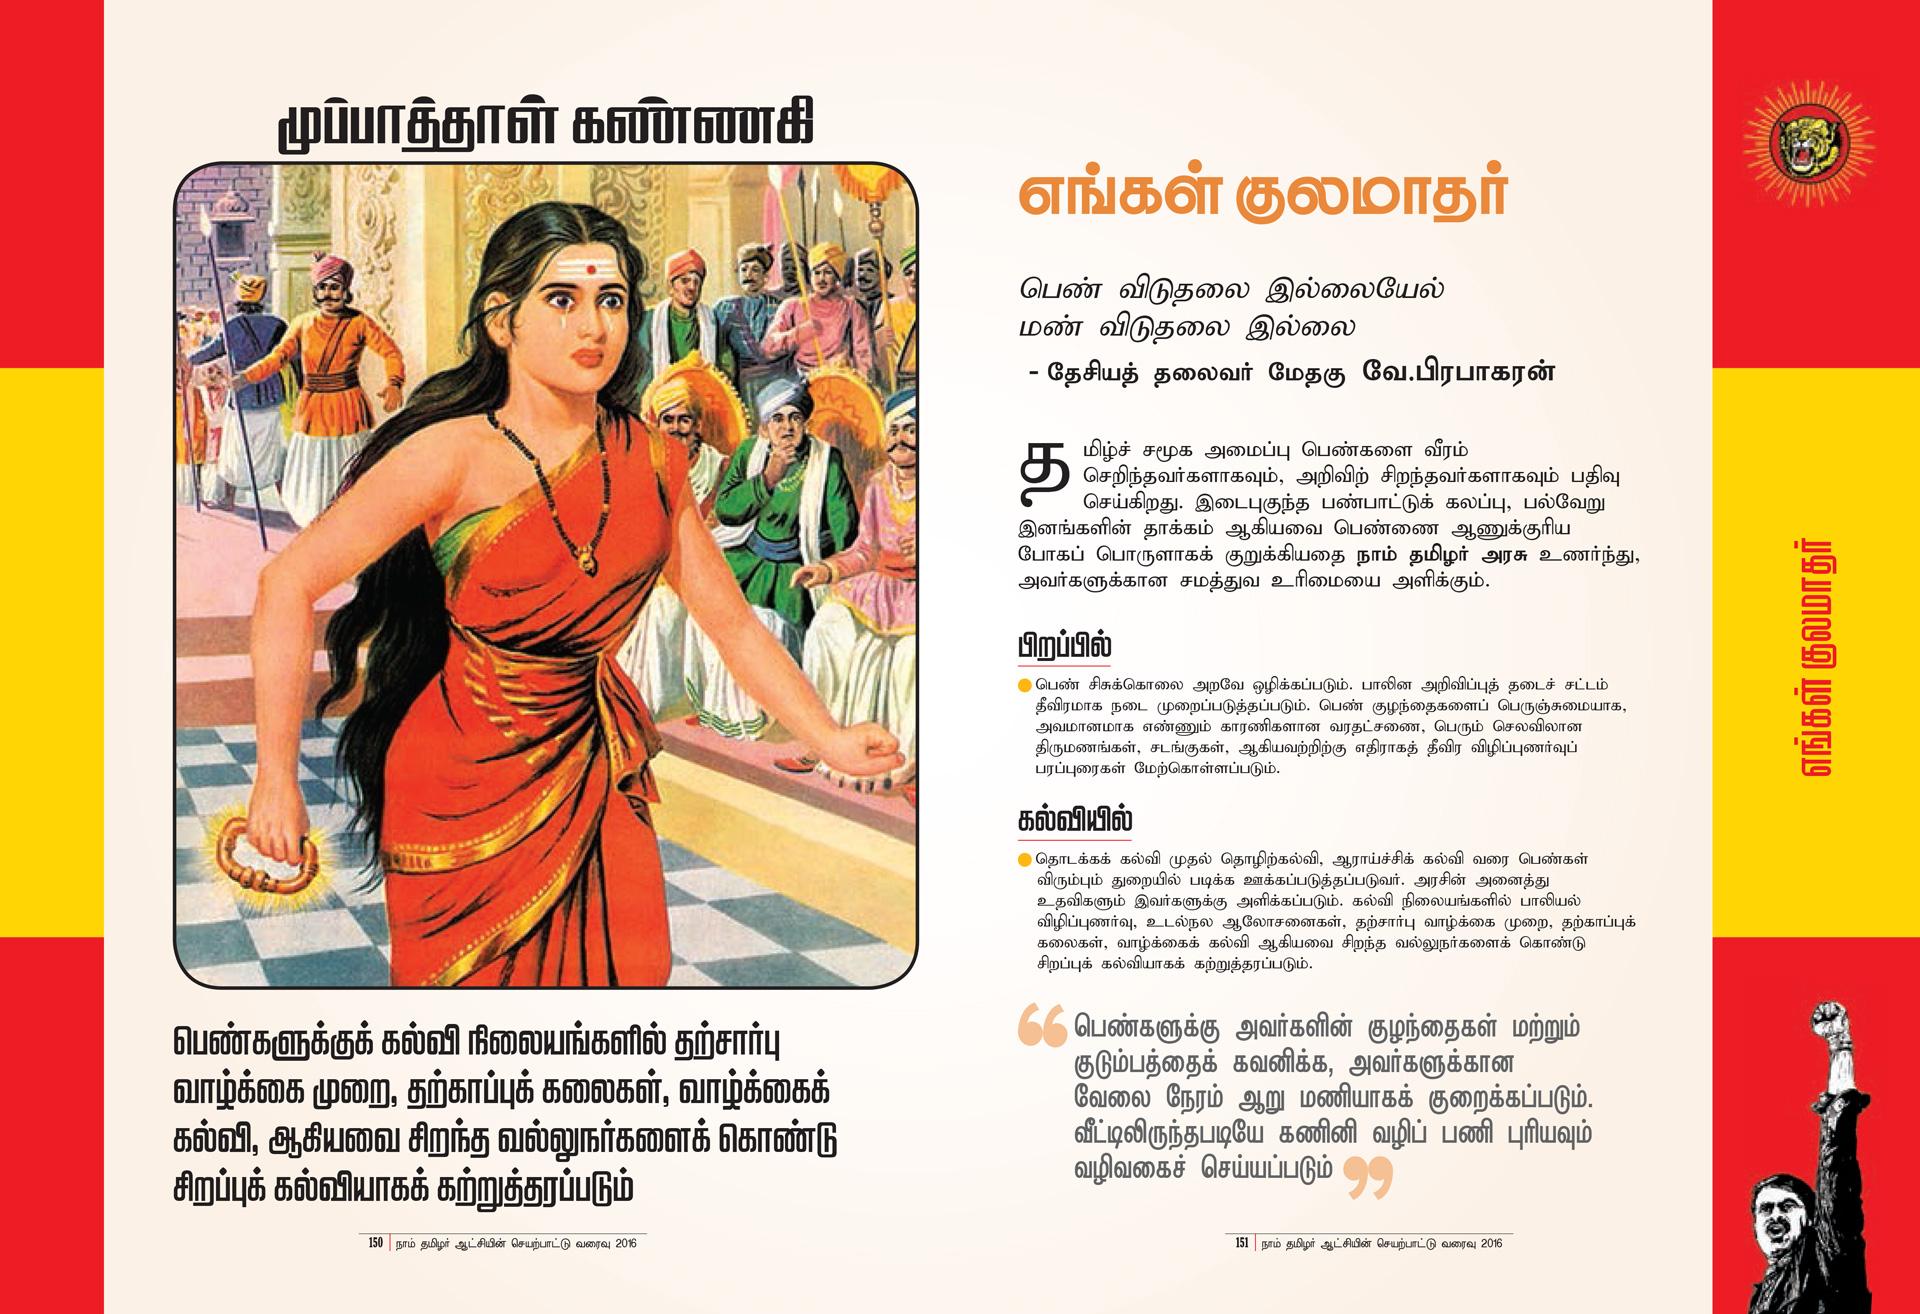 எங்கள் குலமாதர் | நாம் தமிழர் ஆட்சியின் செயற்பாட்டு வரைவு | மக்களரசு